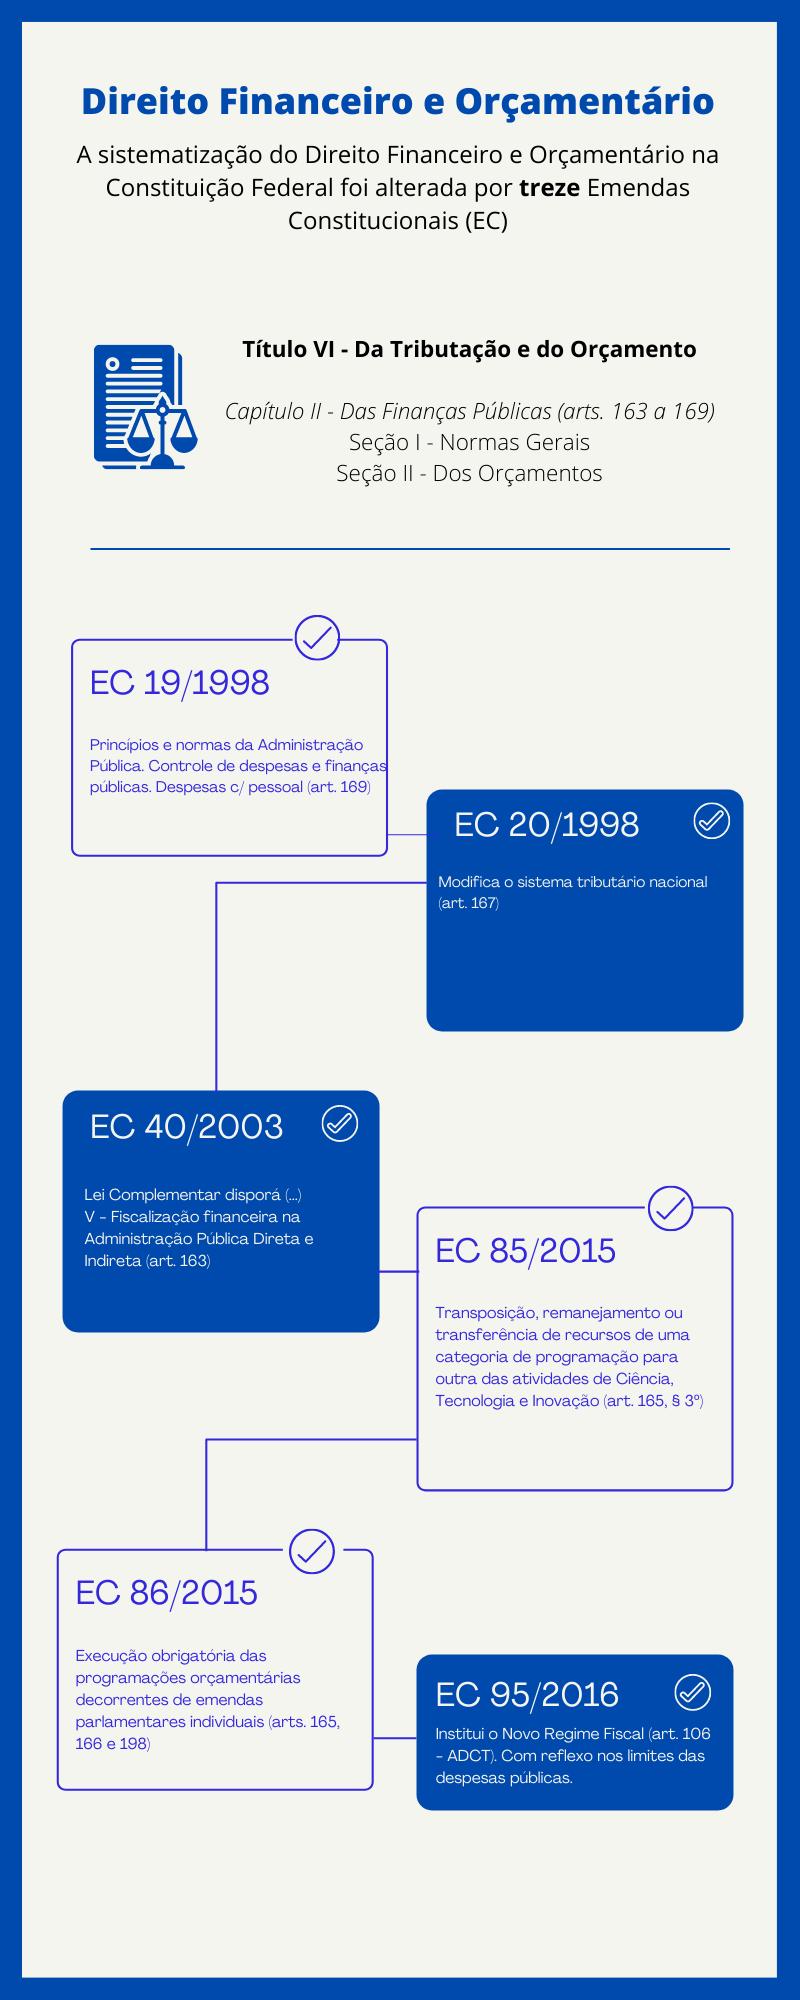 Direito Financeiro e Orçamentário_1